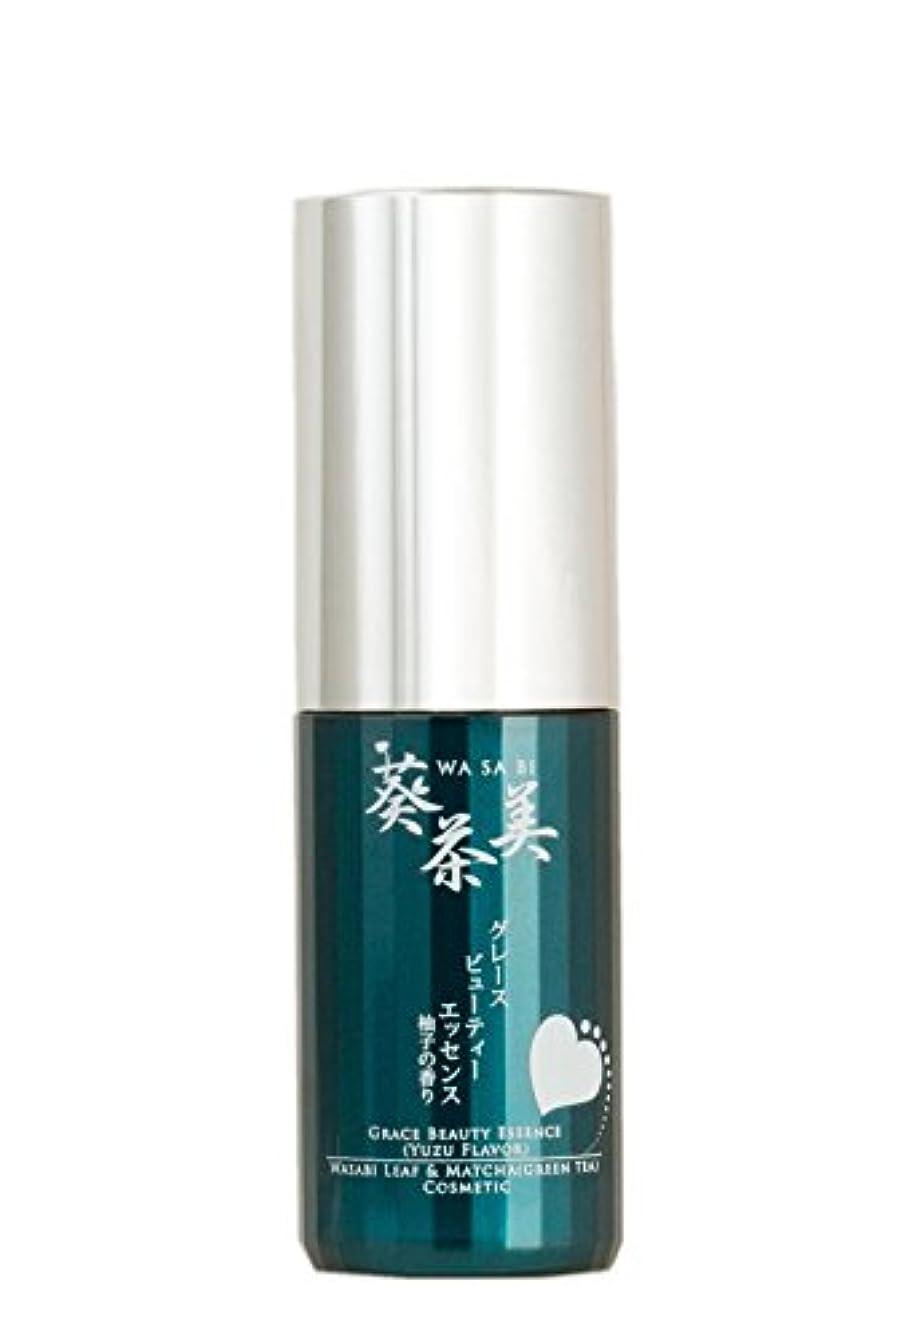 推定するまたはどちらか太い葵茶美-WASABI-  ワサビ グレースビューティーエッセンス(美容液) 柚子の香り 30ml